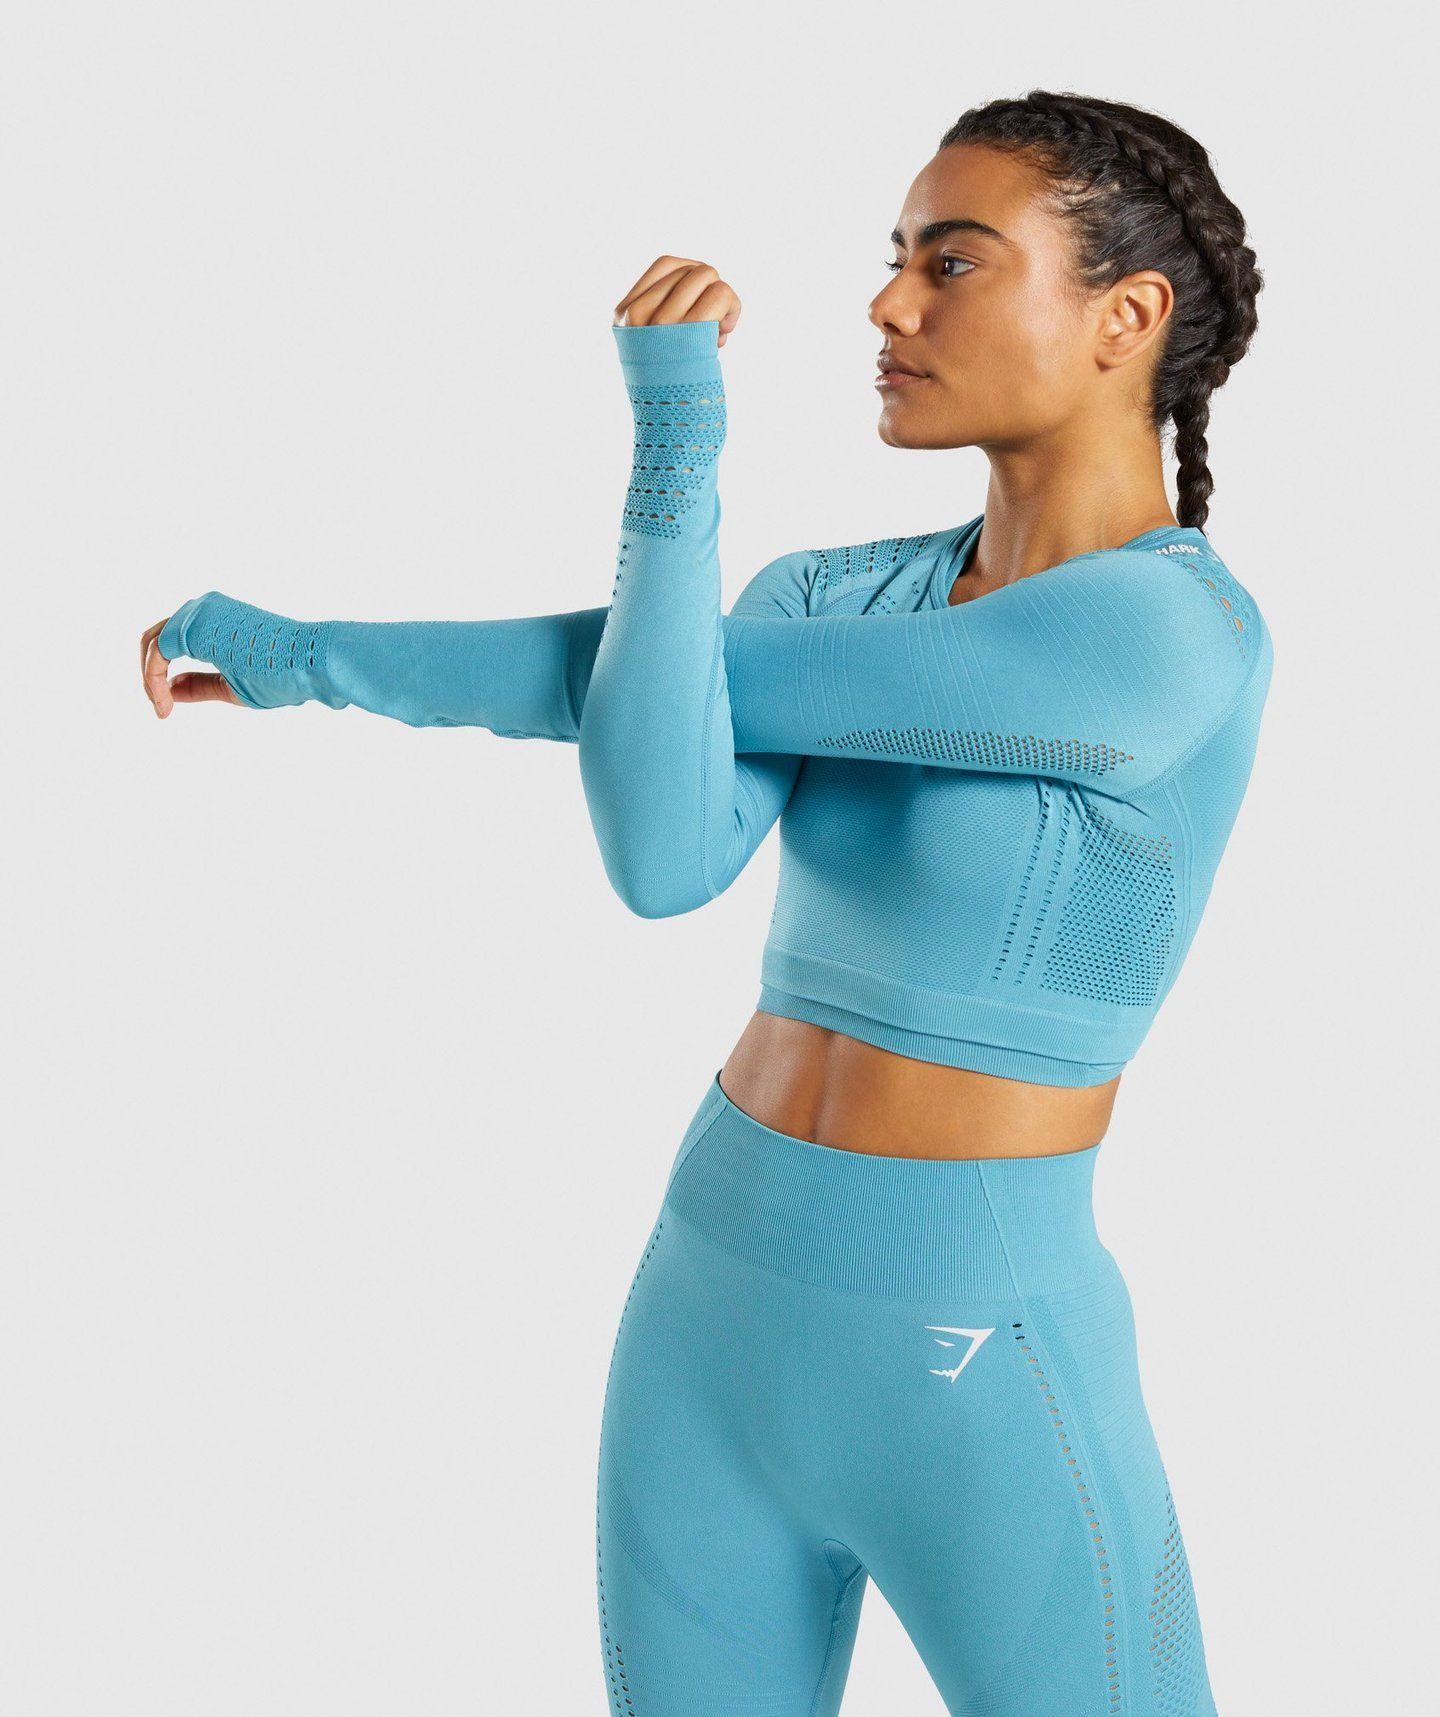 7b830c2de22 Gymshark Flawless Knit Long Sleeve Crop Top - Sea Blue in 2019 ...